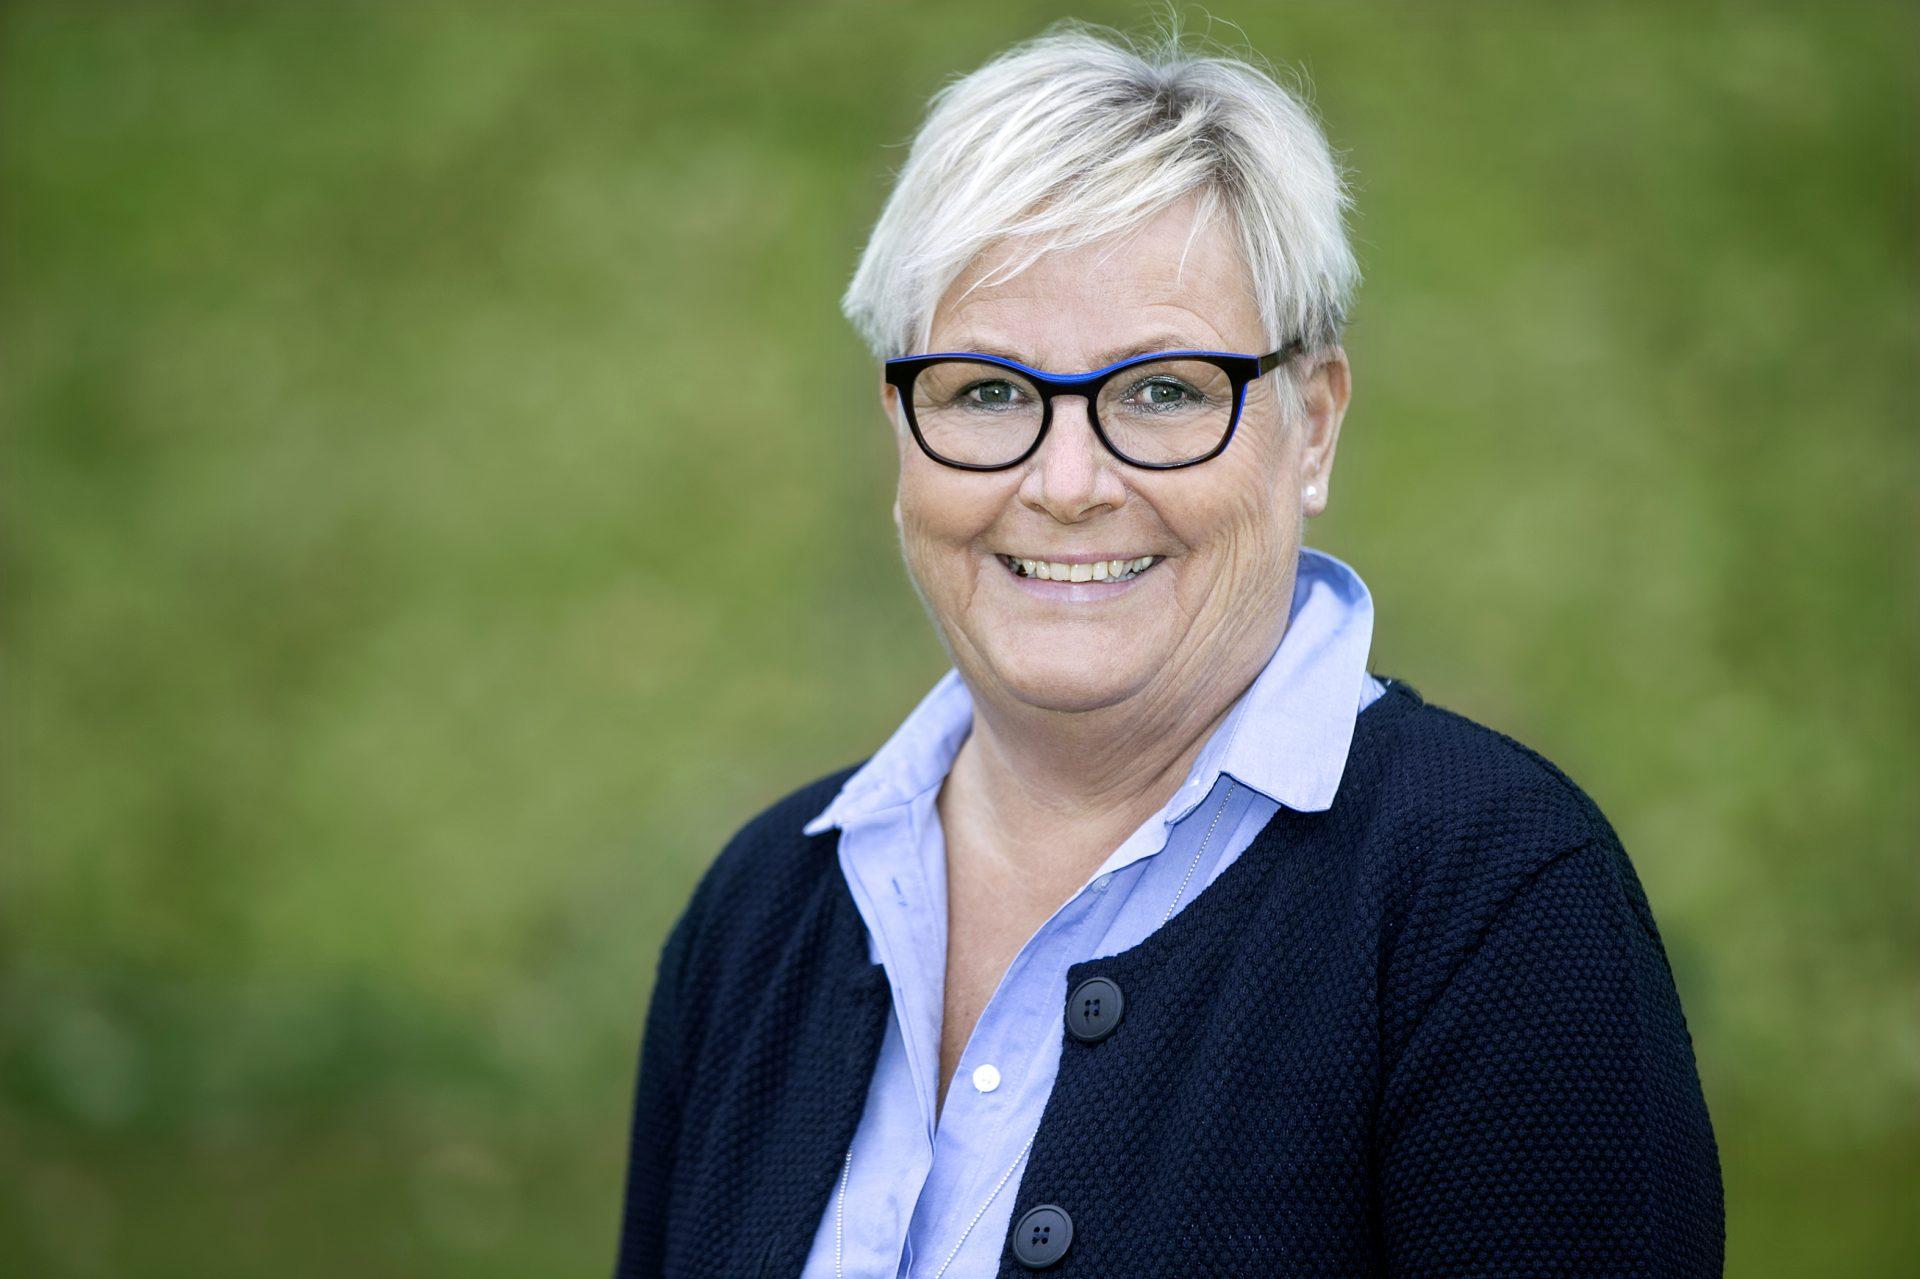 Venstre Horsens Anne Lene Løvbjerg